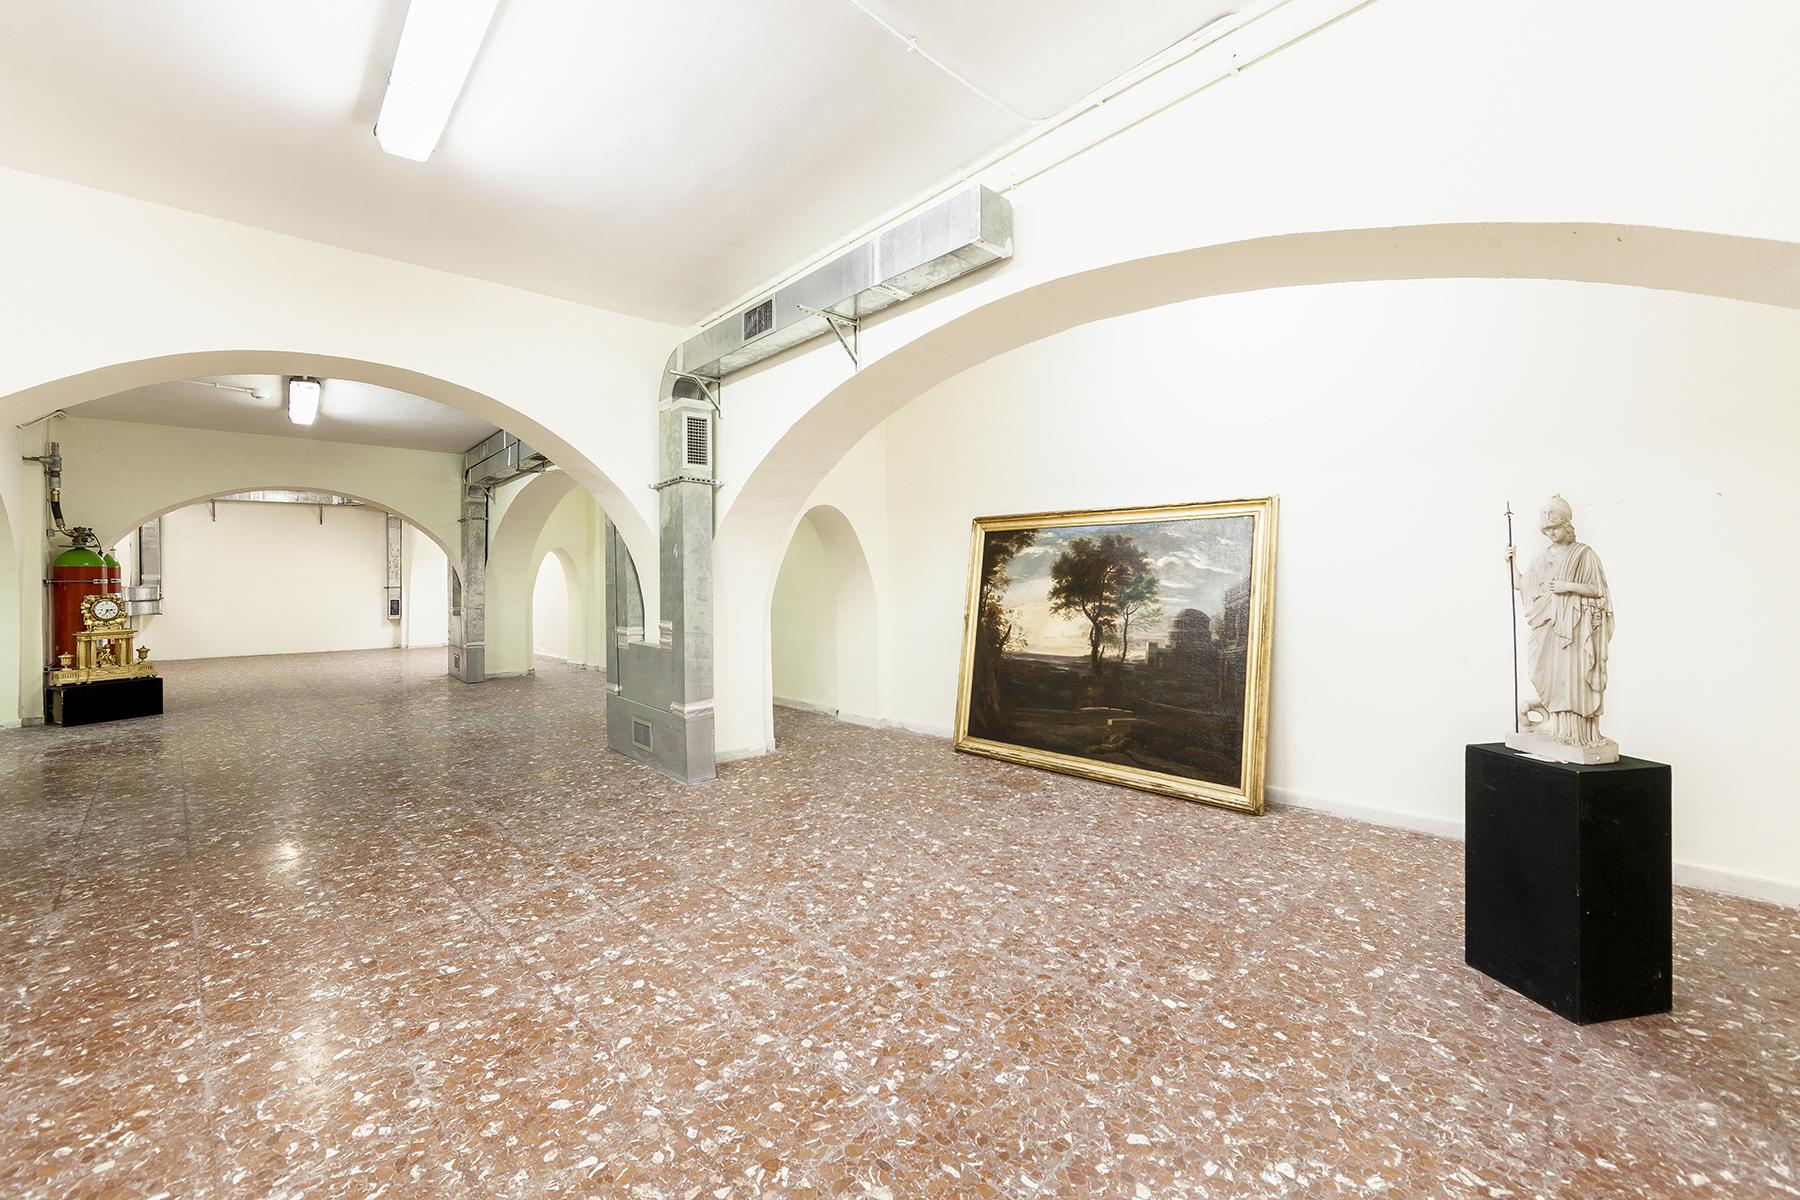 Ufficio-studio in Vendita a Roma: 5 locali, 772 mq - Foto 7